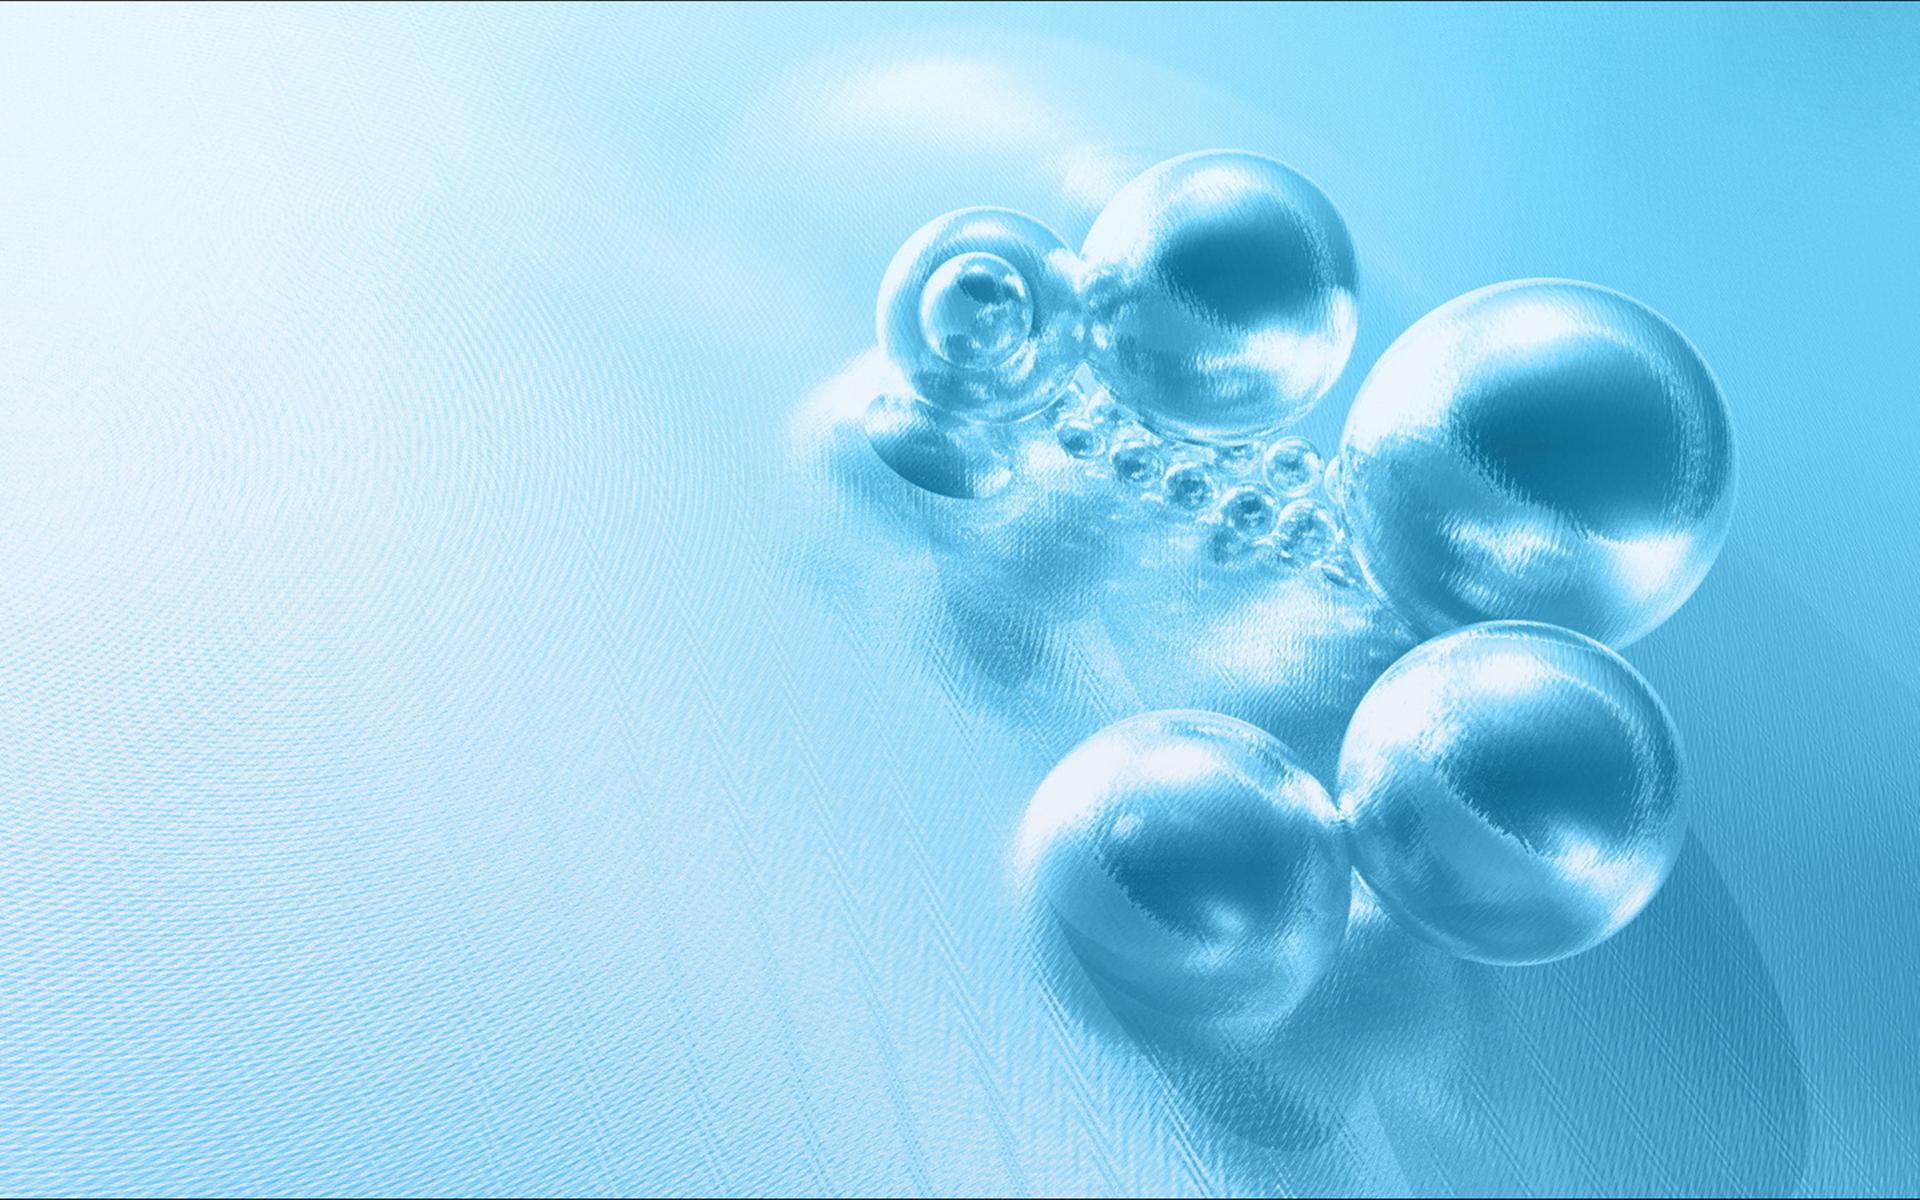 创意设计简约好看的珍珠ppt背景图片下载_幻灯片模板